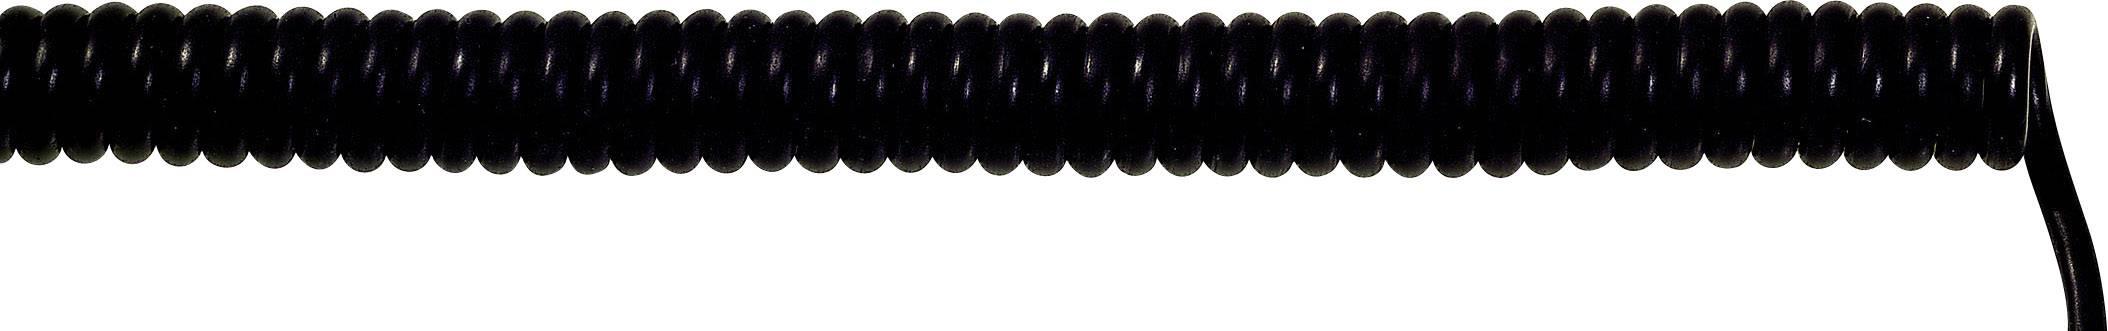 Špirálový kábel 73220233 UNITRONIC® SPIRAL 12 x 0.14 mm², 400 mm / 1600 mm, čierna